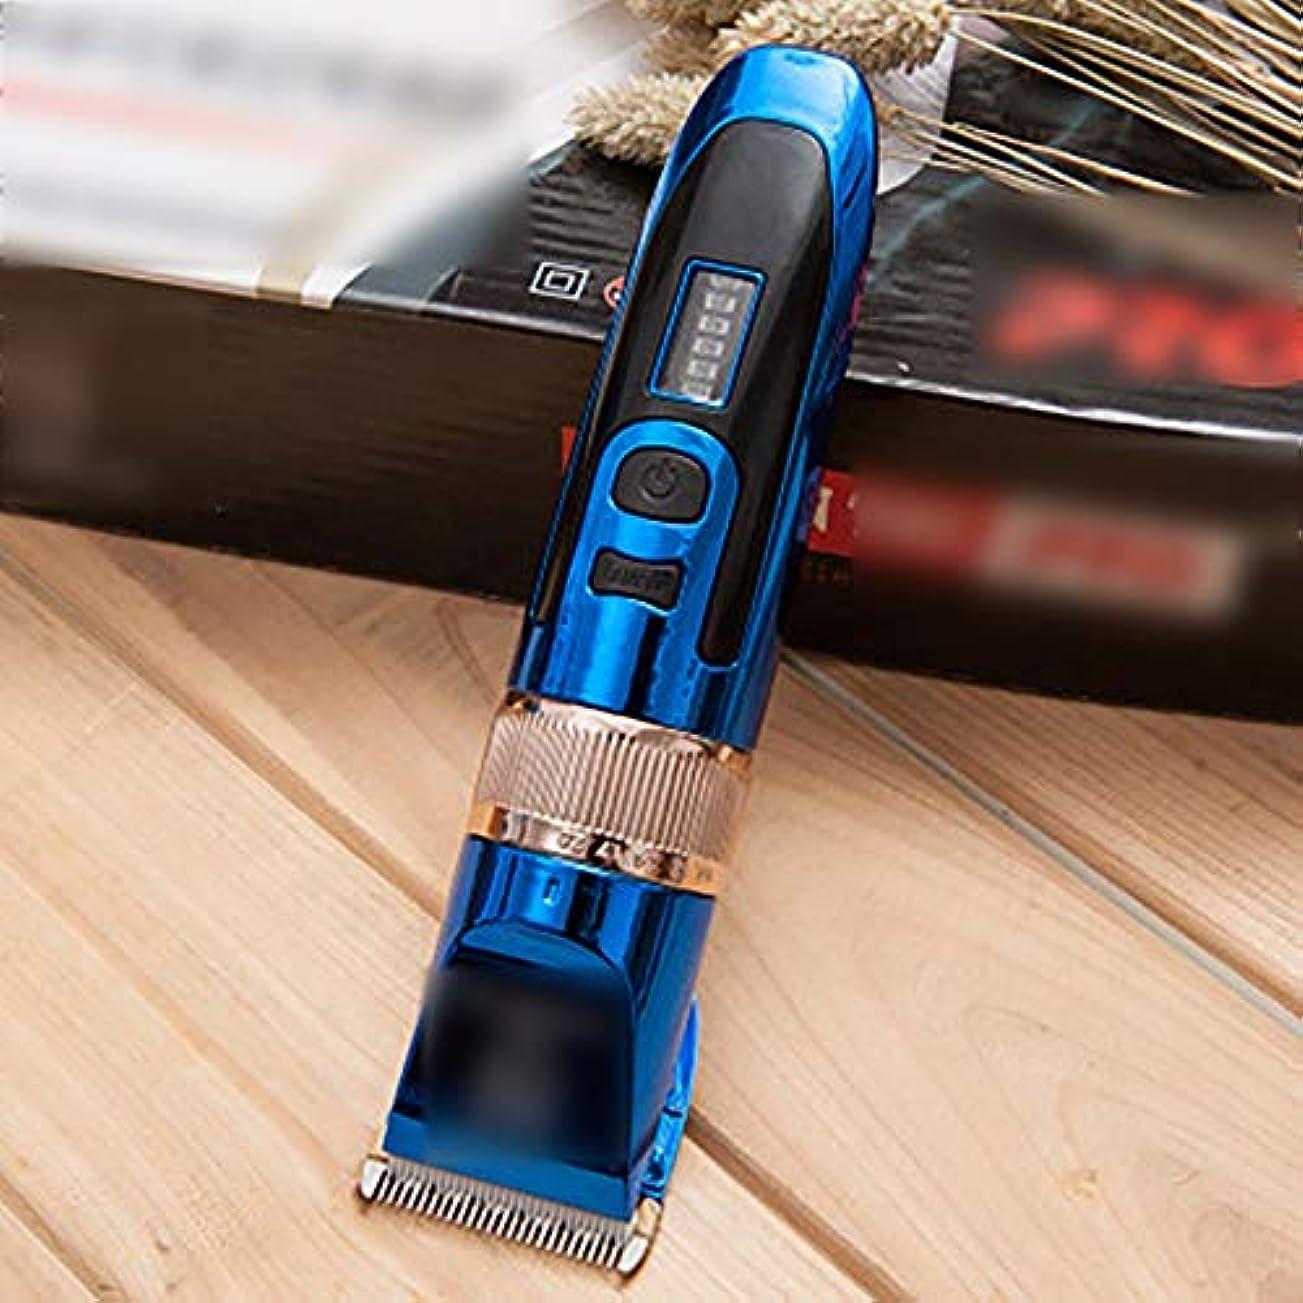 オーバーラン変わる欠如WAKABAFK プロの電気フェーダーリチウム電池液晶ディスプレイ散髪機ヘアトリマークリッパー (色 : 青)